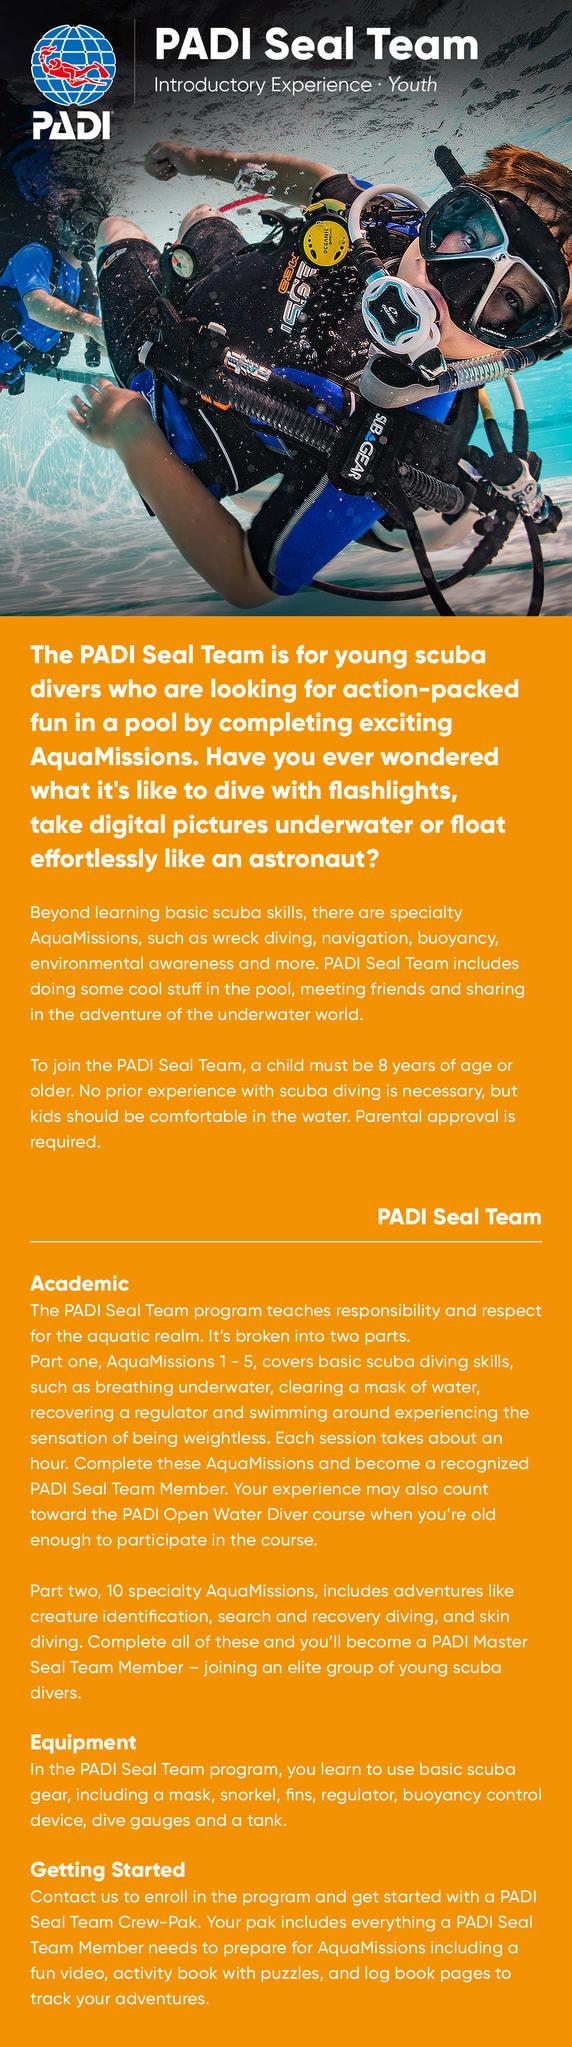 PADI Seal Team Information